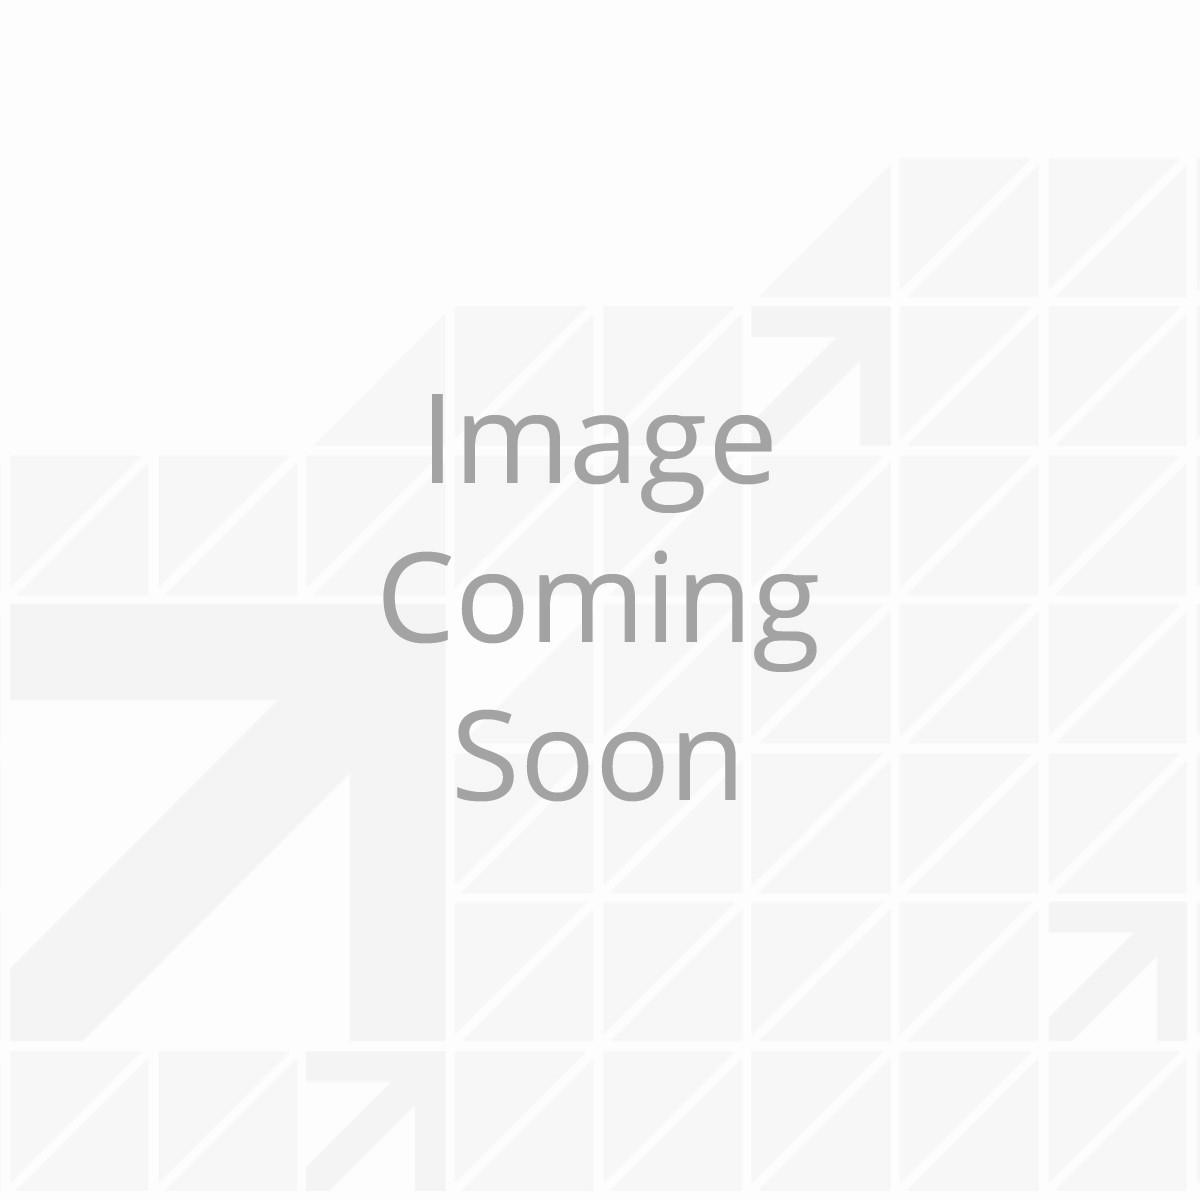 118246_Solenoid-Silver-Bronze-Posts_001